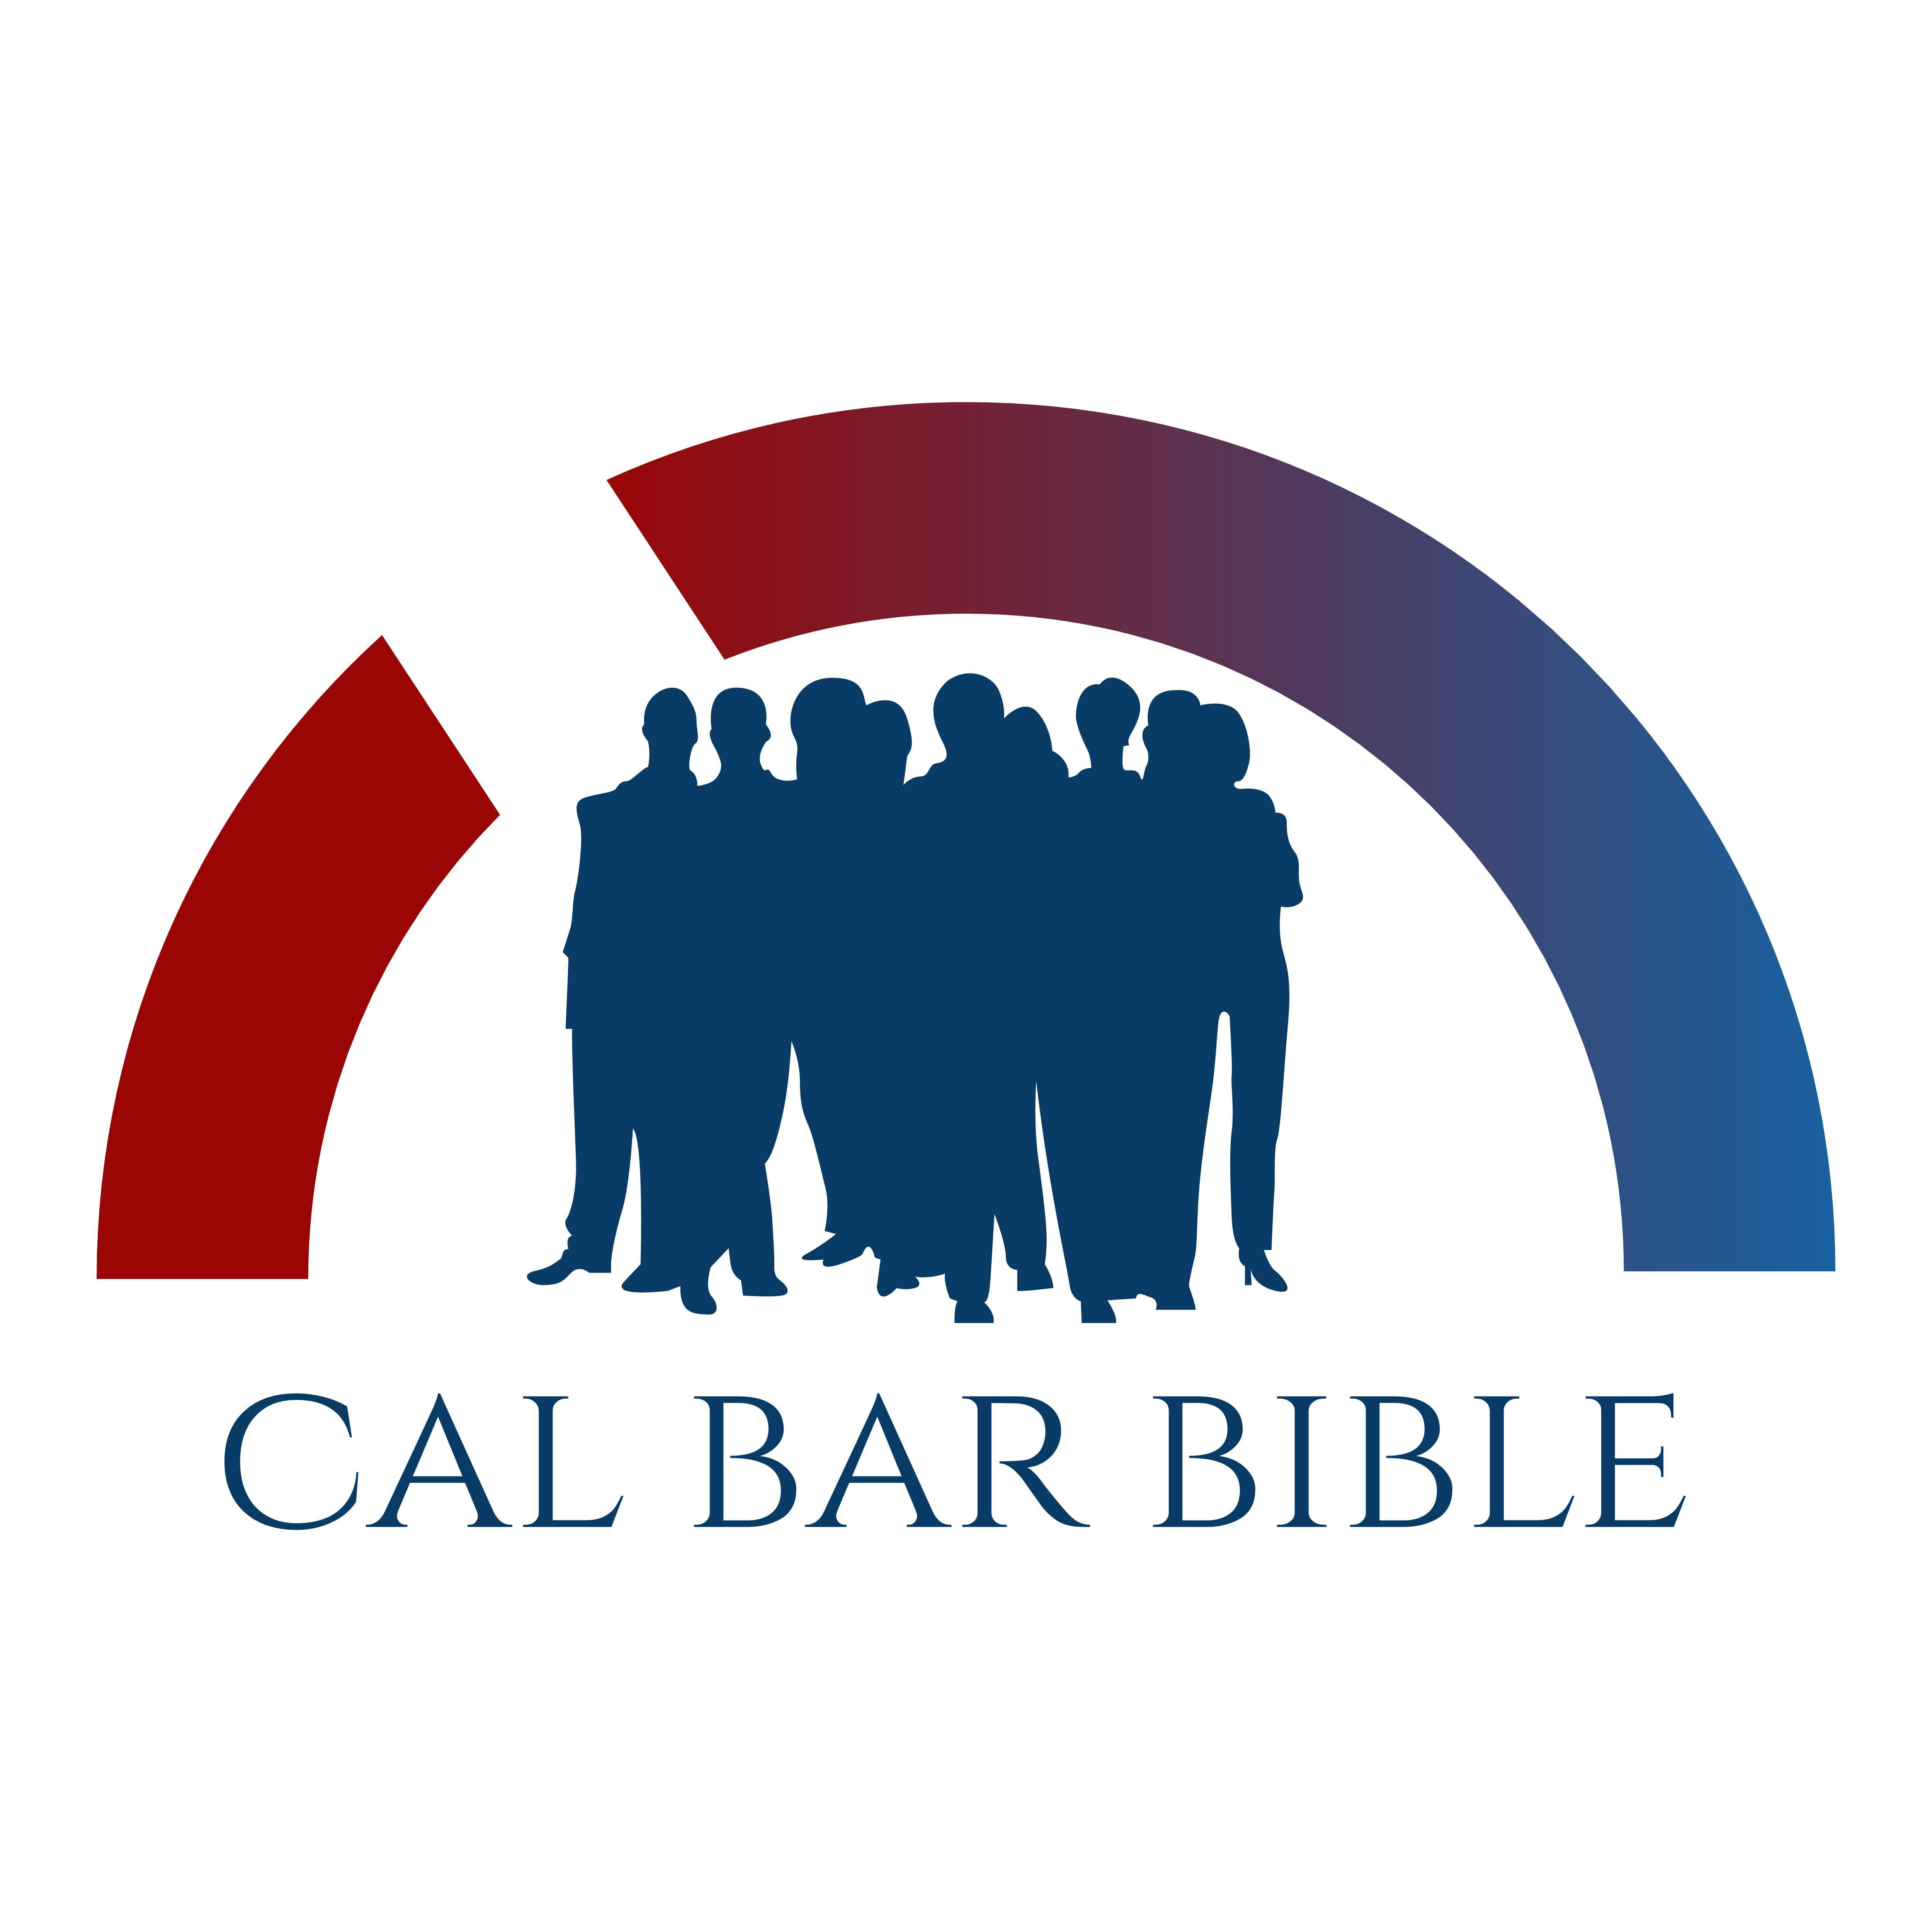 Cal Bar Bible